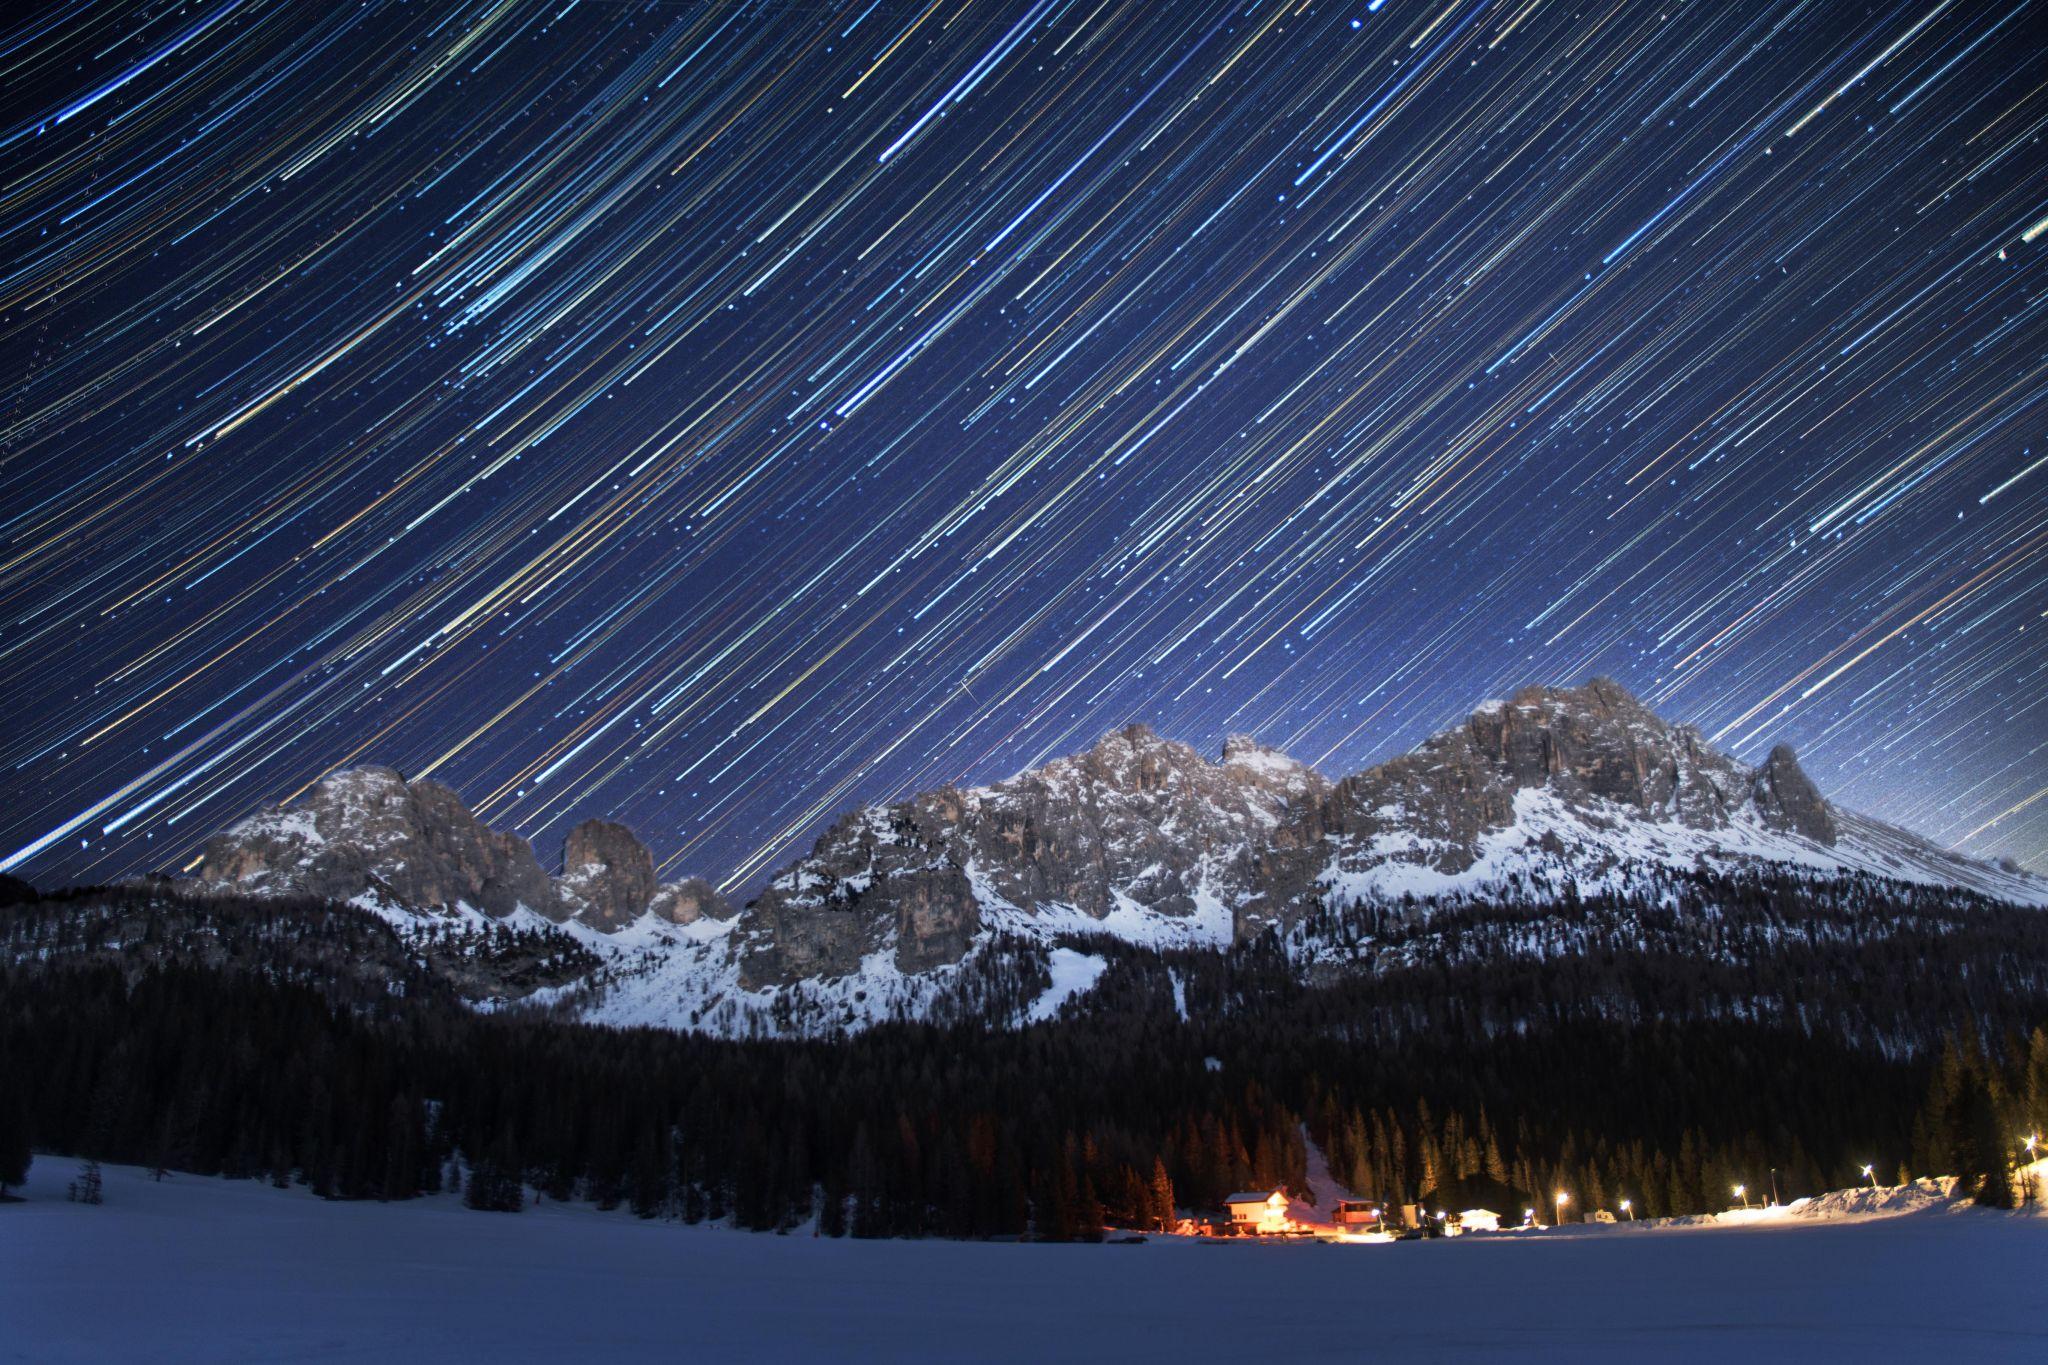 Misurina Dolomites, Italy